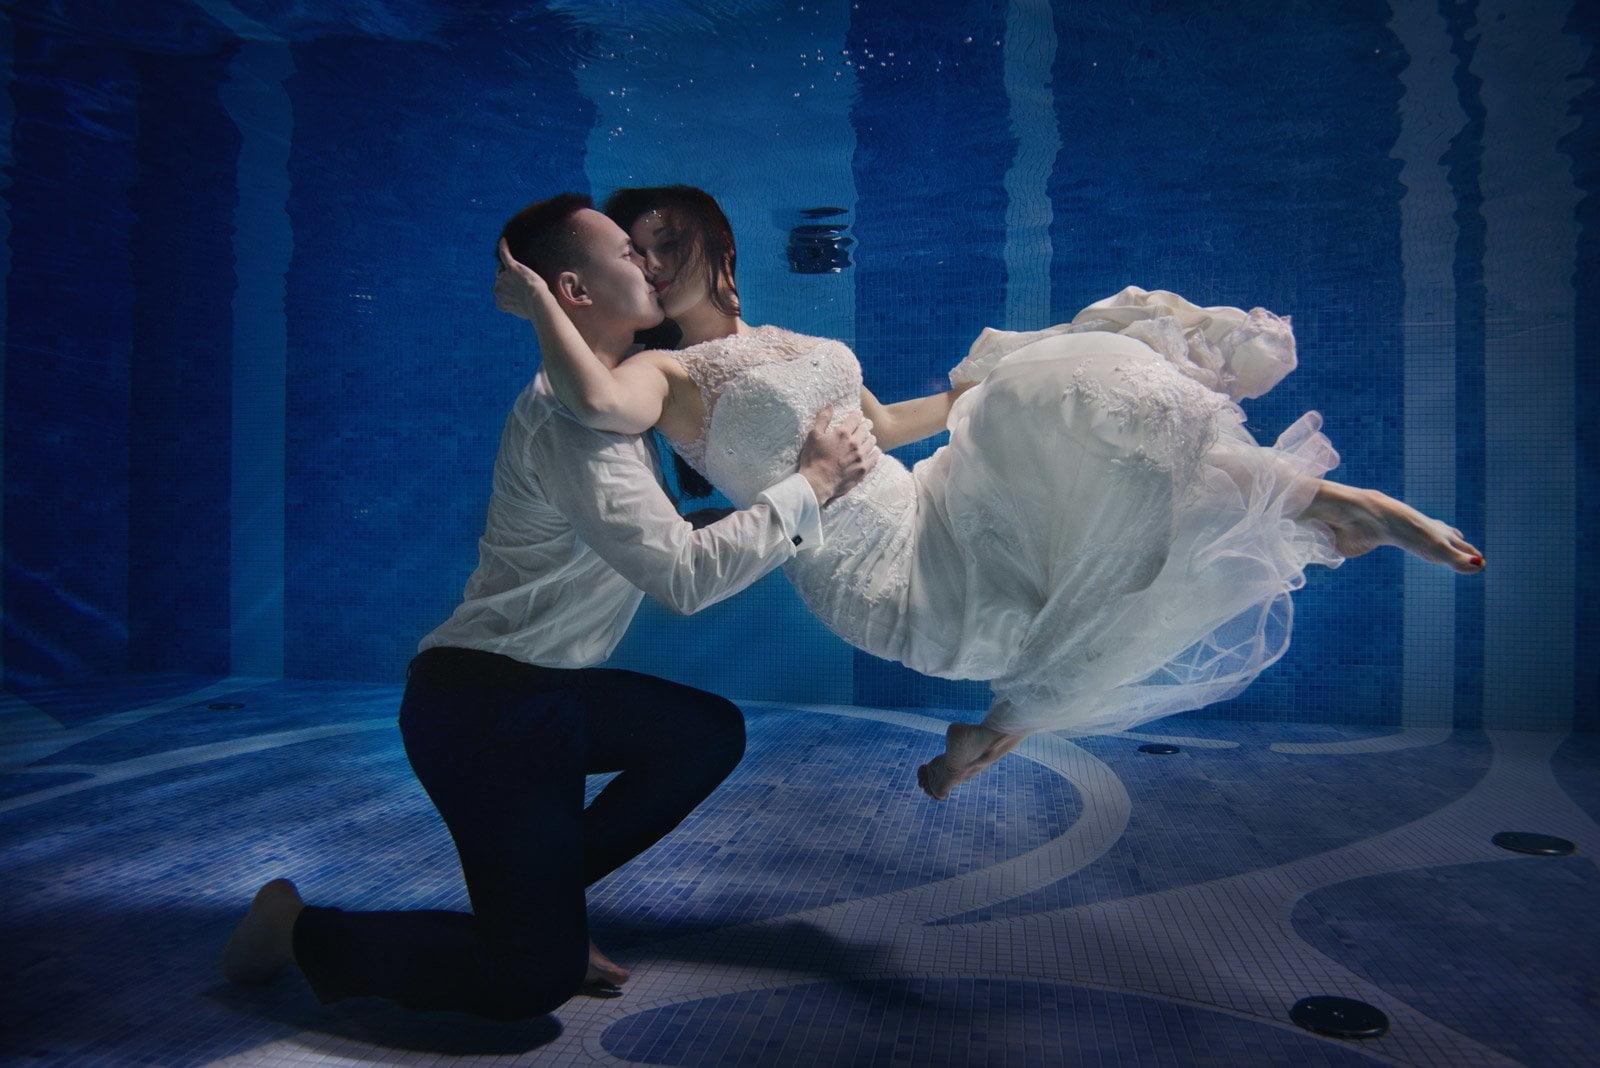 cudowne zdjęcia pod wodą